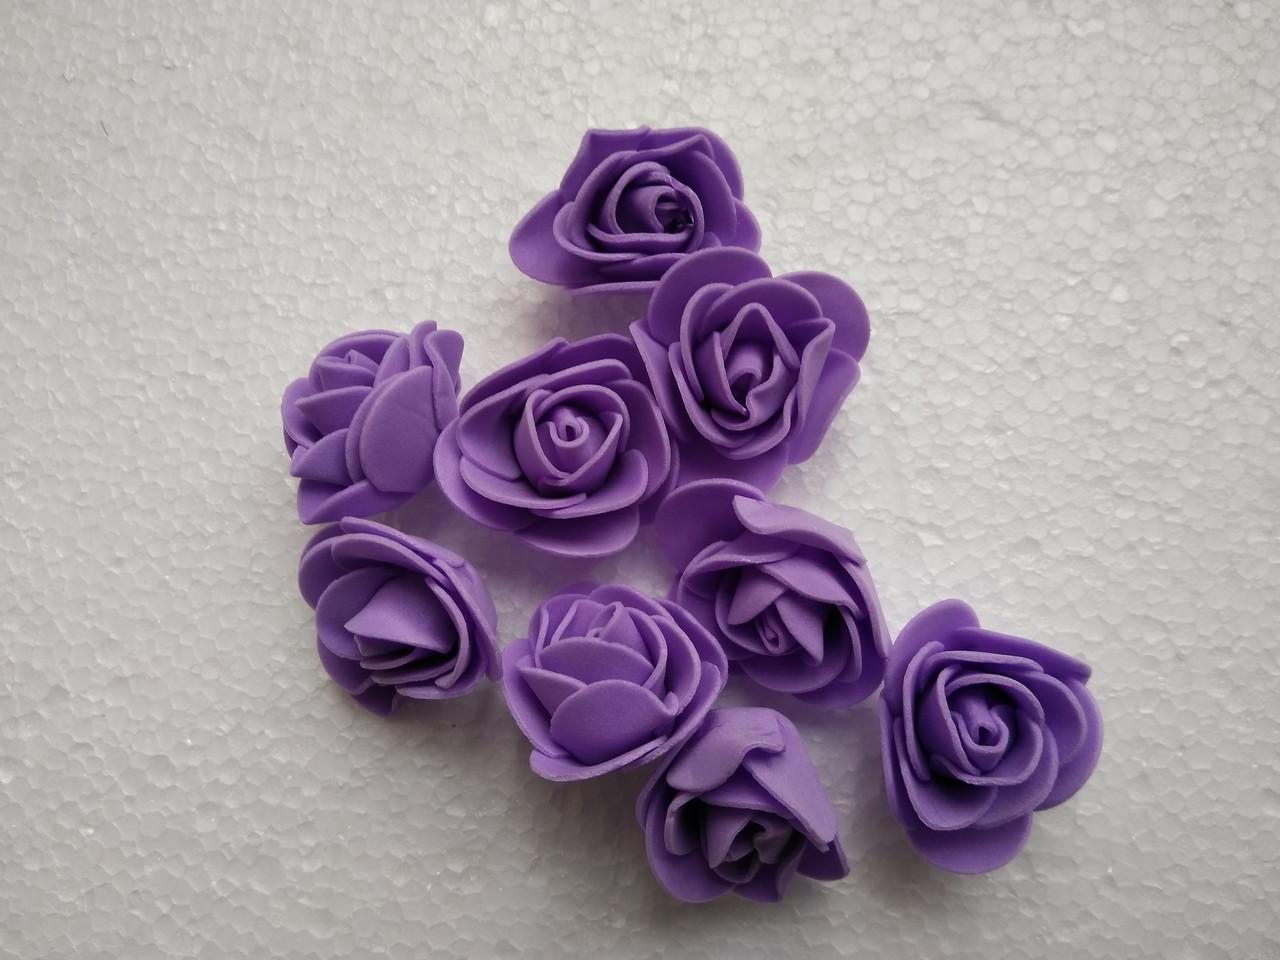 Головка розочки из фоамирана 3 см фиолетовая